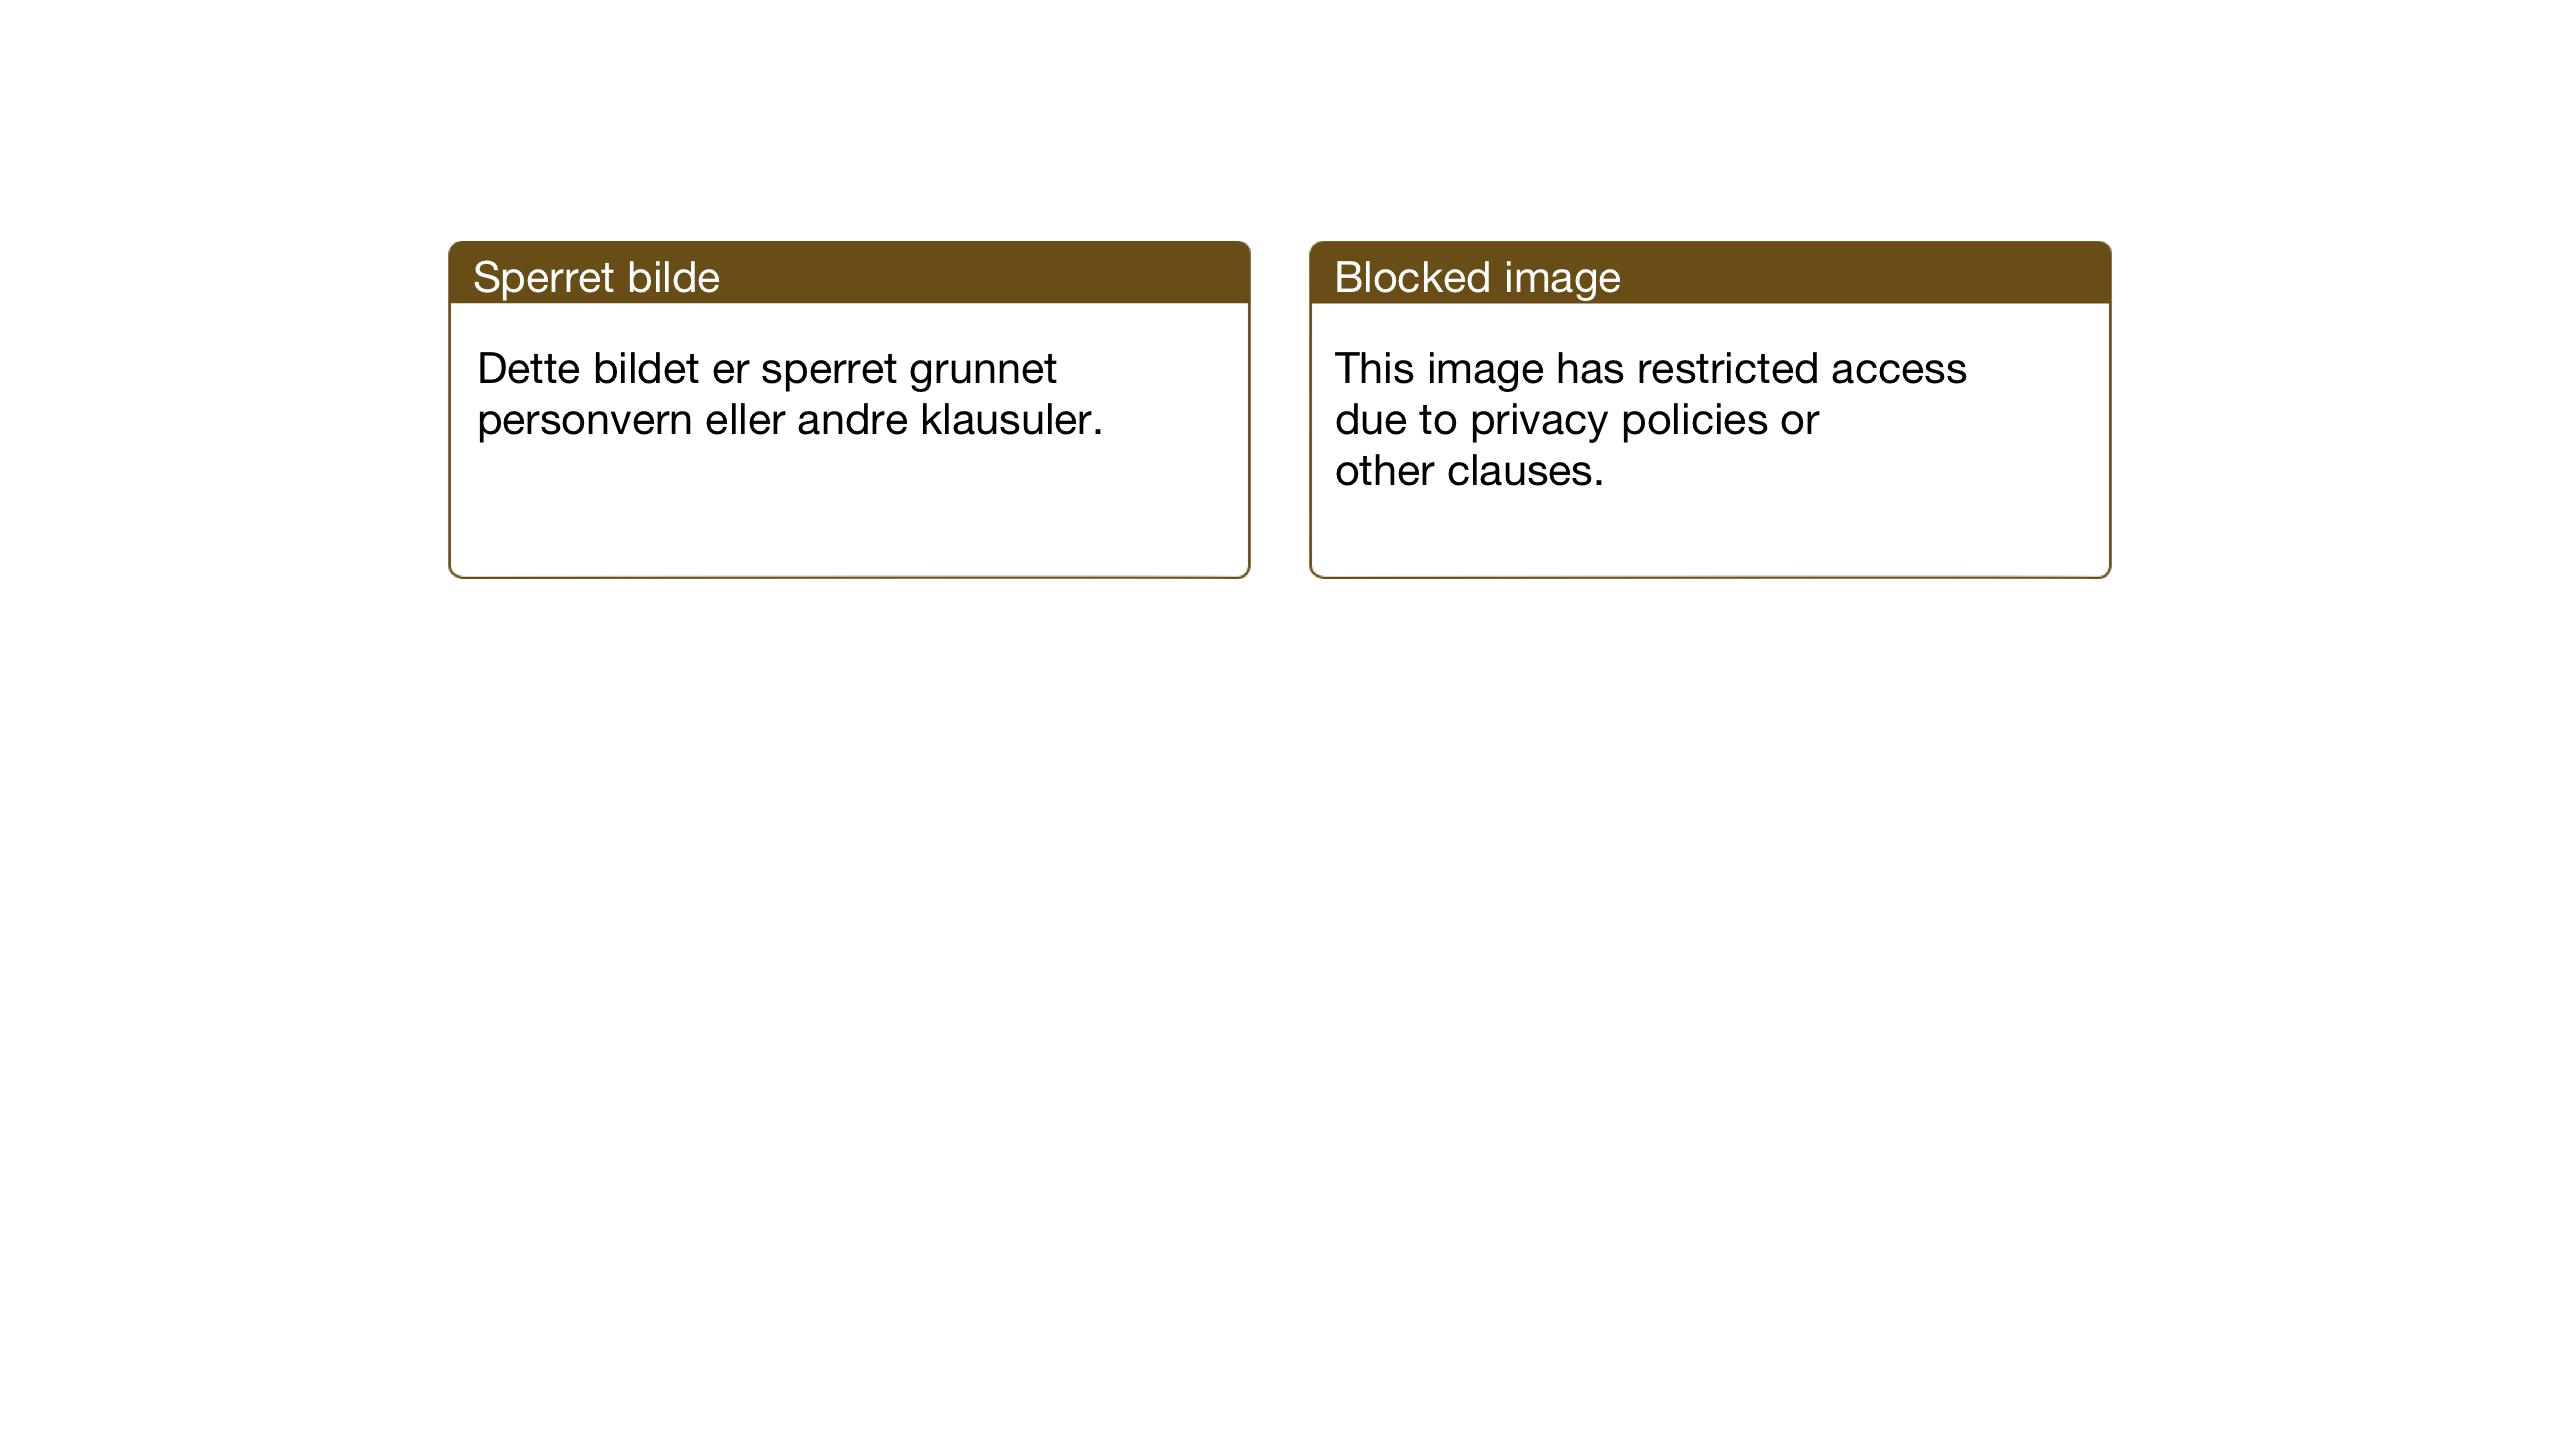 SAT, Ministerialprotokoller, klokkerbøker og fødselsregistre - Nord-Trøndelag, 710/L0097: Klokkerbok nr. 710C02, 1925-1955, s. 106